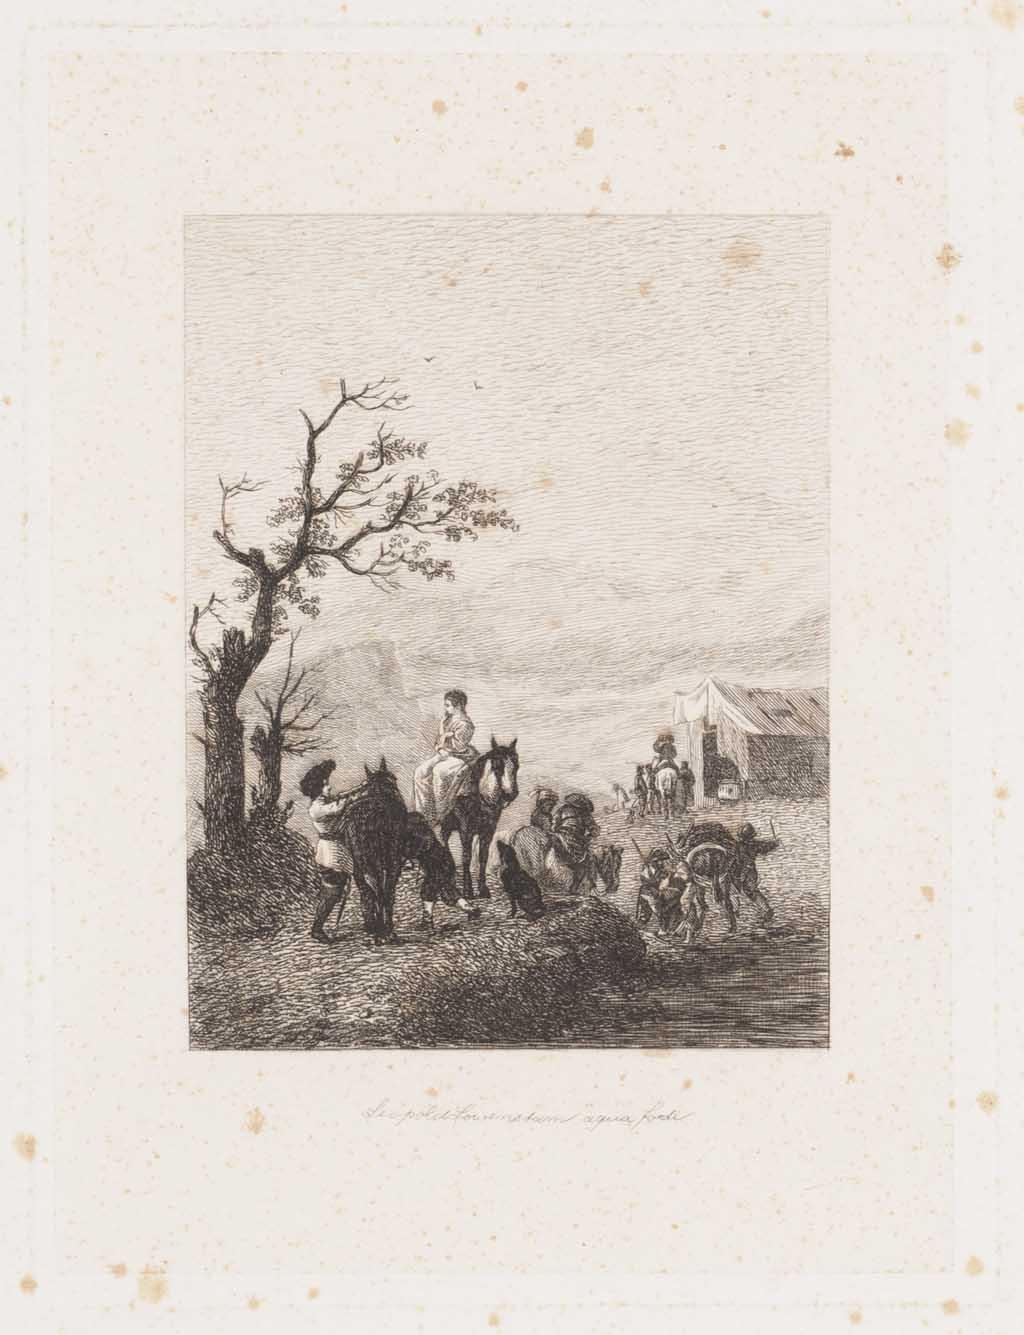 Serie van 37 etsen door Leopold Löwenstam naar 17de-eeuwse schilderijen